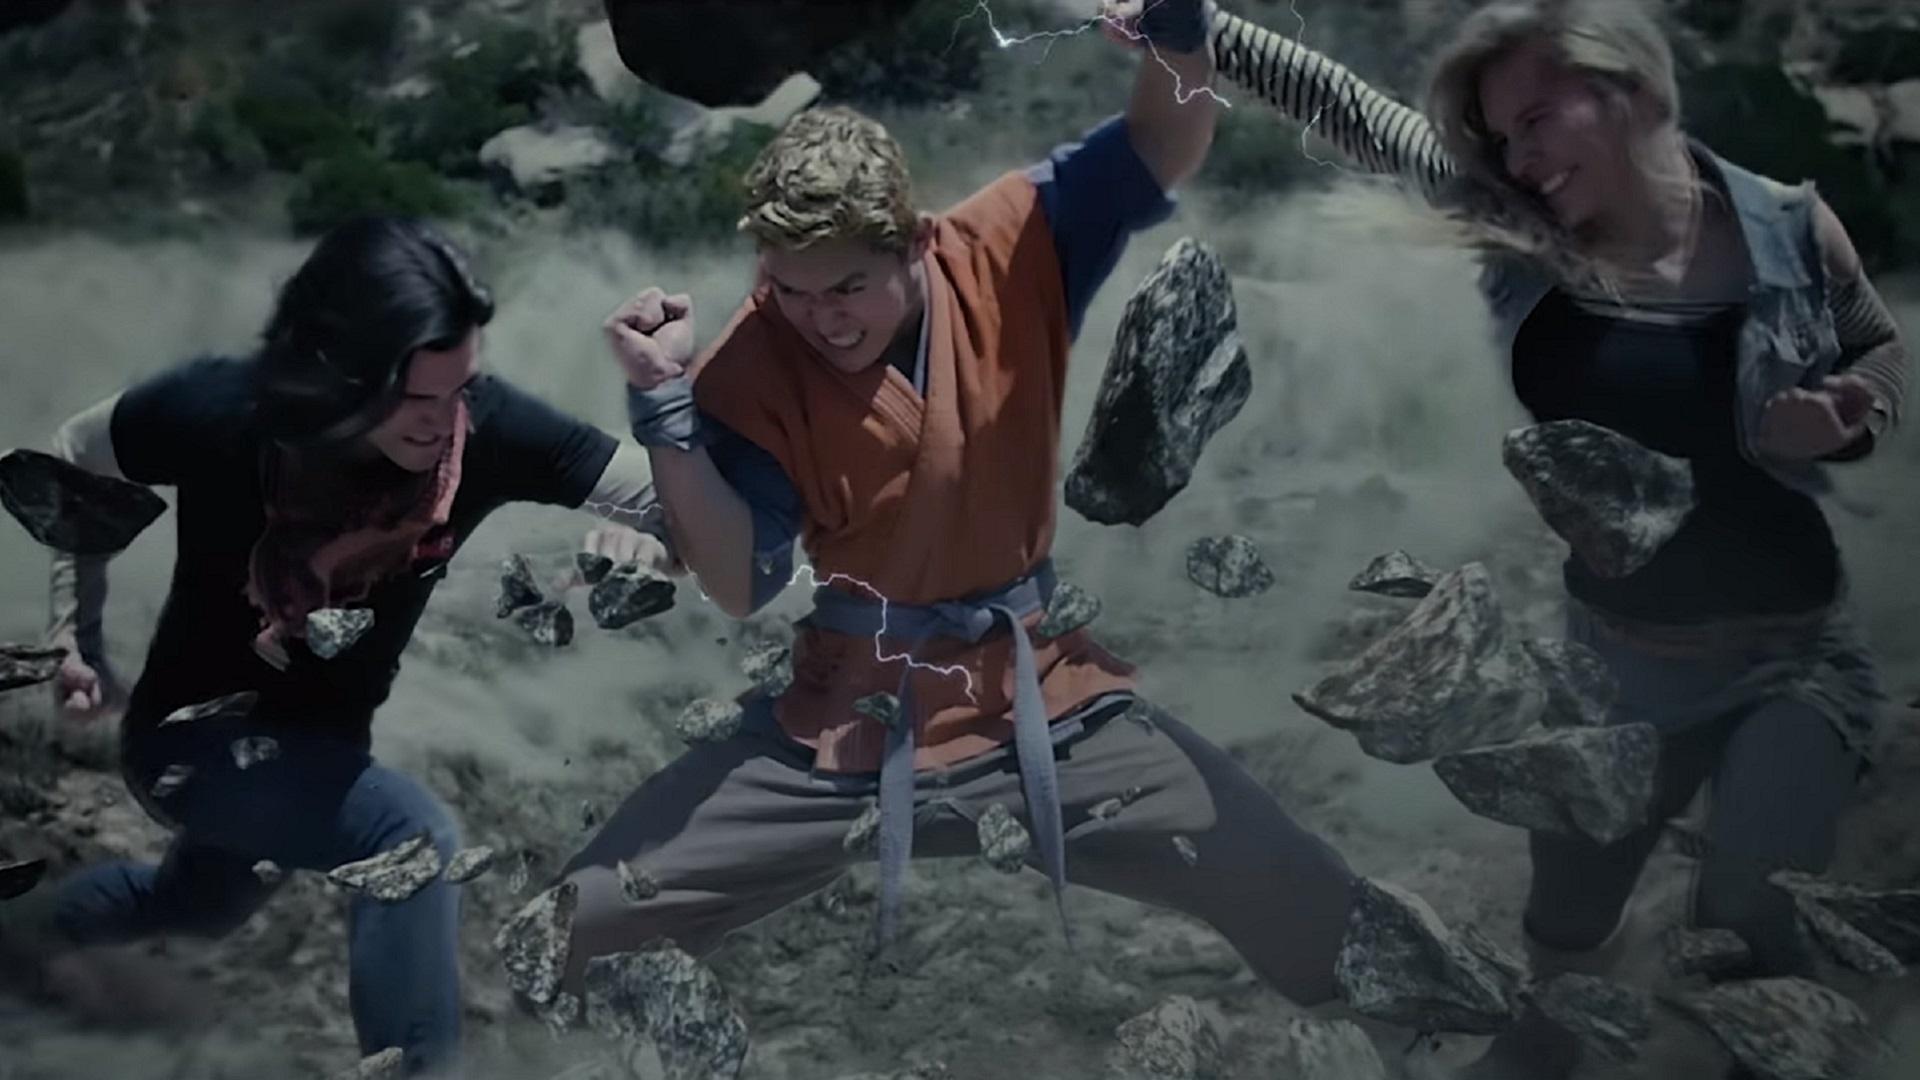 trailer-for-fan-film-dragon-ball-z-light-of-hope-looks-amazing-social.jpg